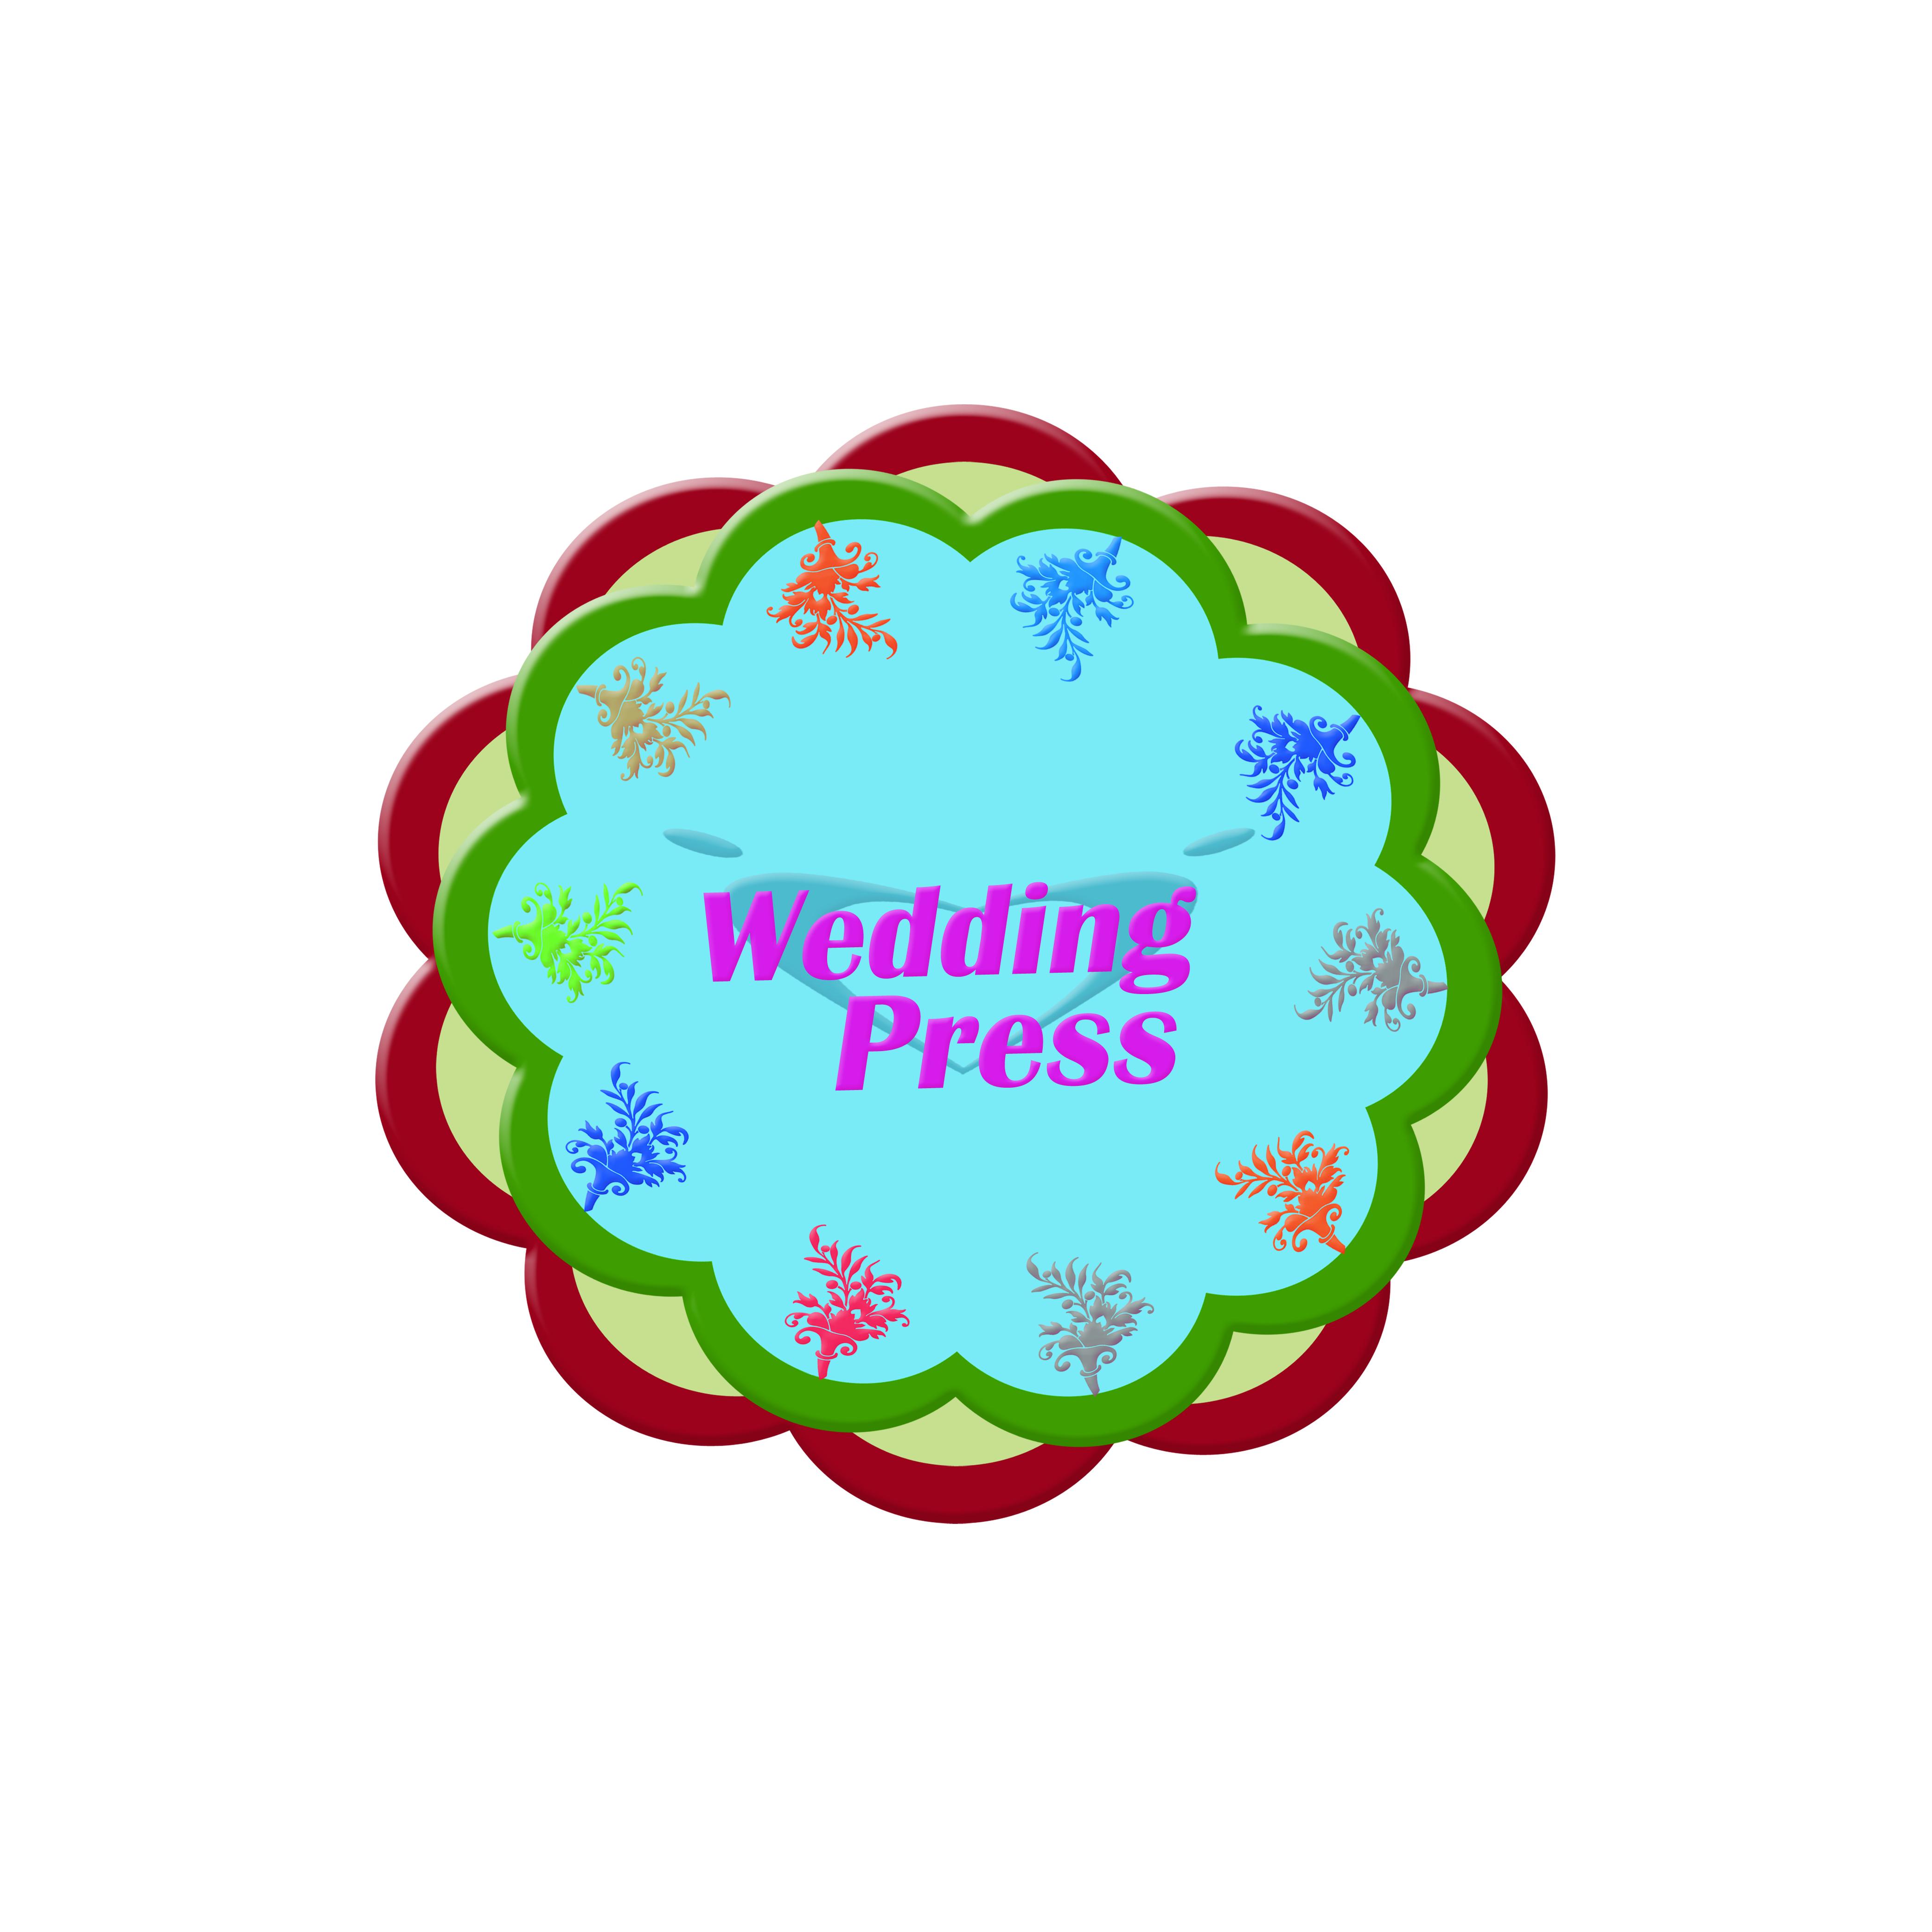 Logo Design by Roberto Sibbaluca - Entry No. 53 in the Logo Design Contest Wedding Writes Logo Design.